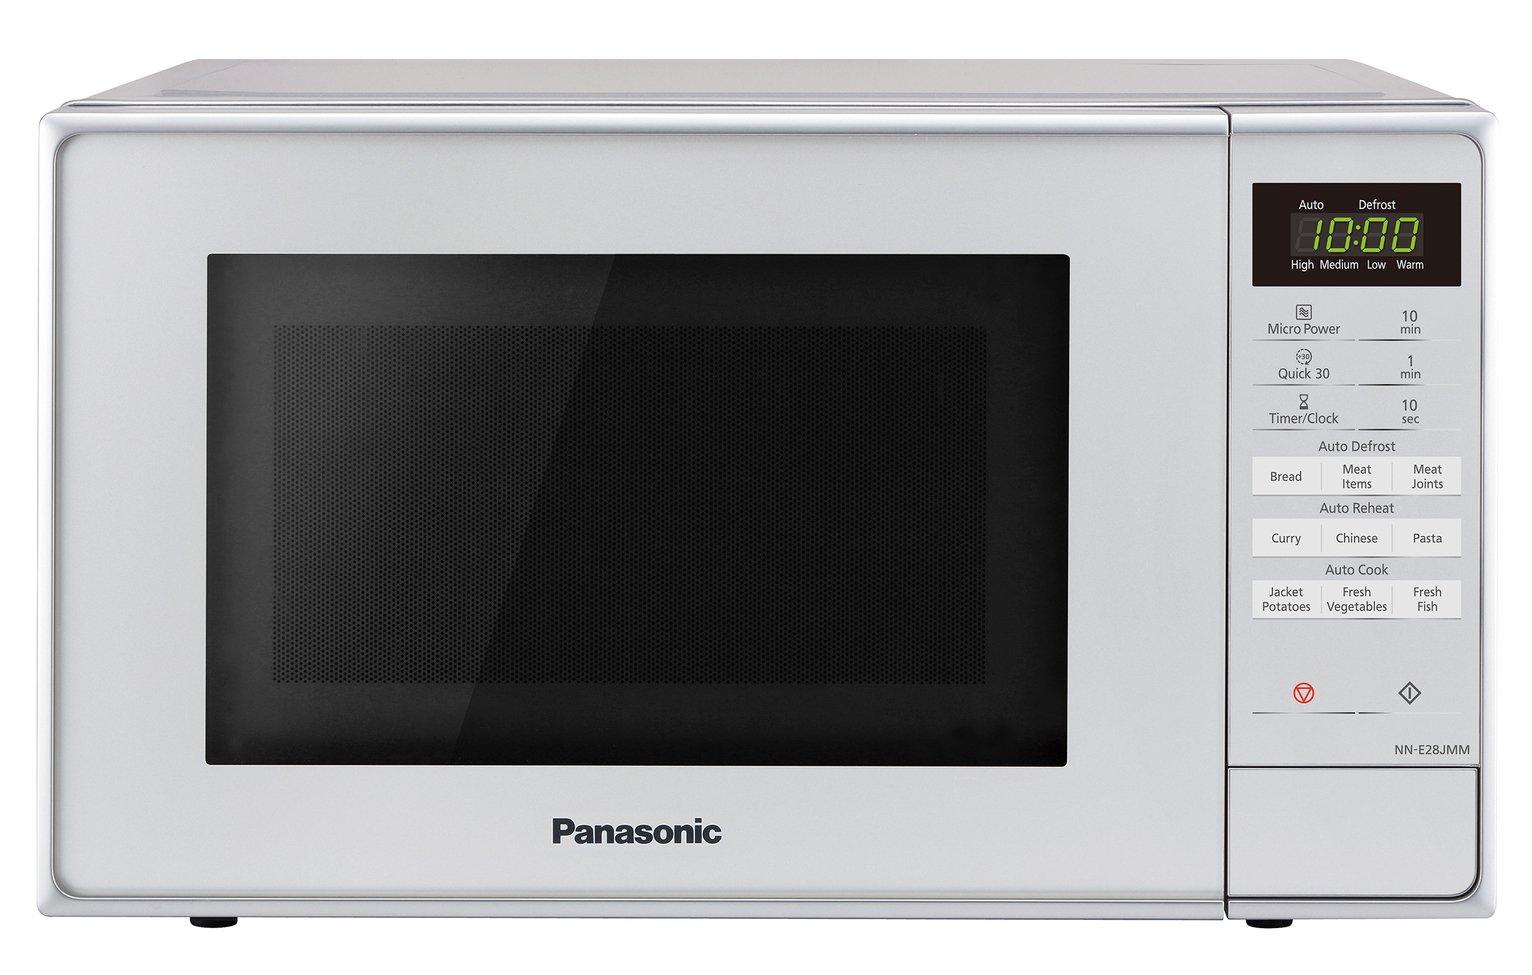 Panasonic 800W Standard 20L Microwave NN-E28JMMBPQ - Silver